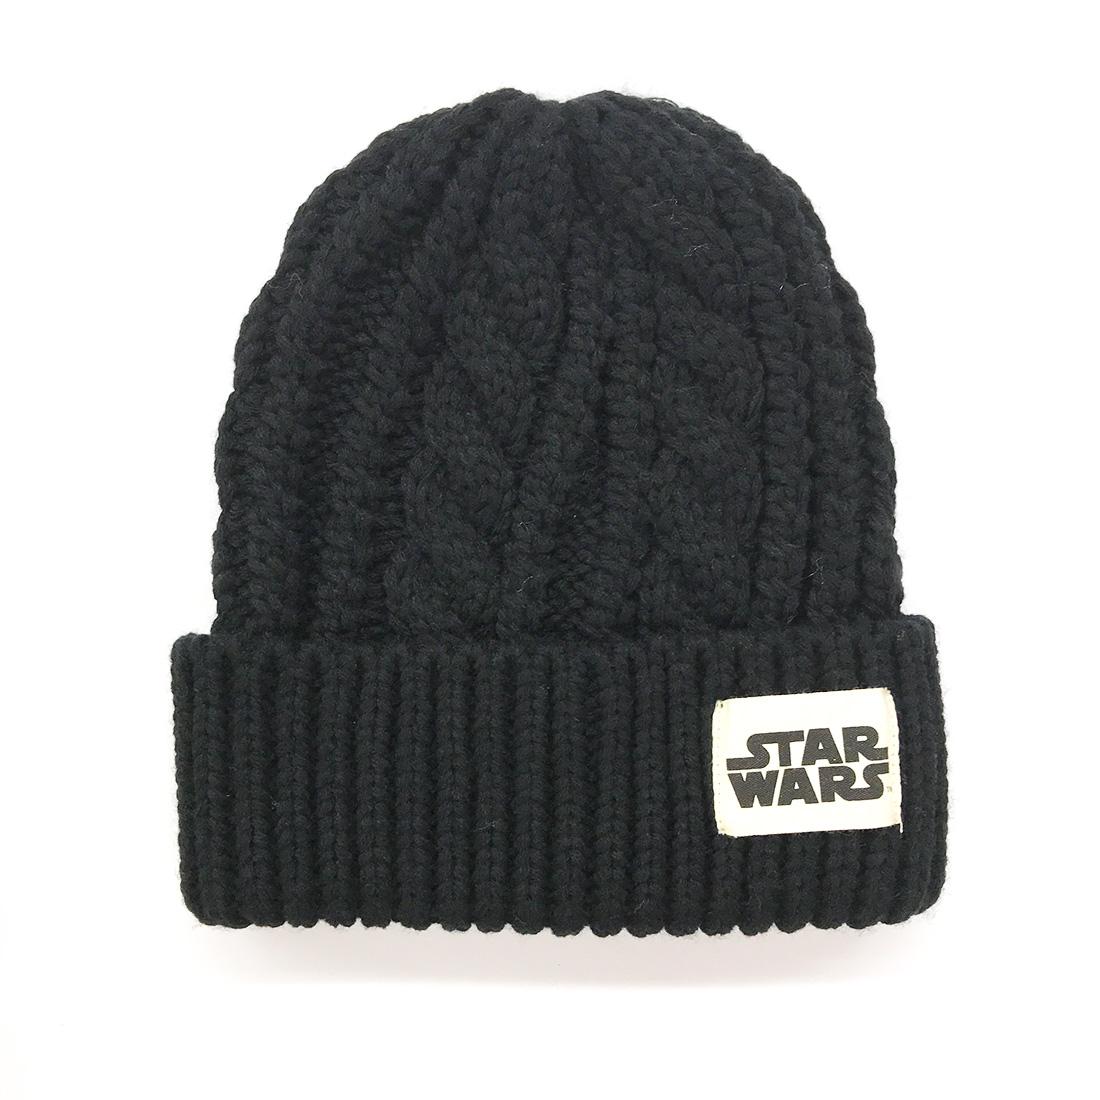 【入荷済】「STAR WARS スター・ウォーズ」 ケーブルニットキャップ ロゴ(ブラック)